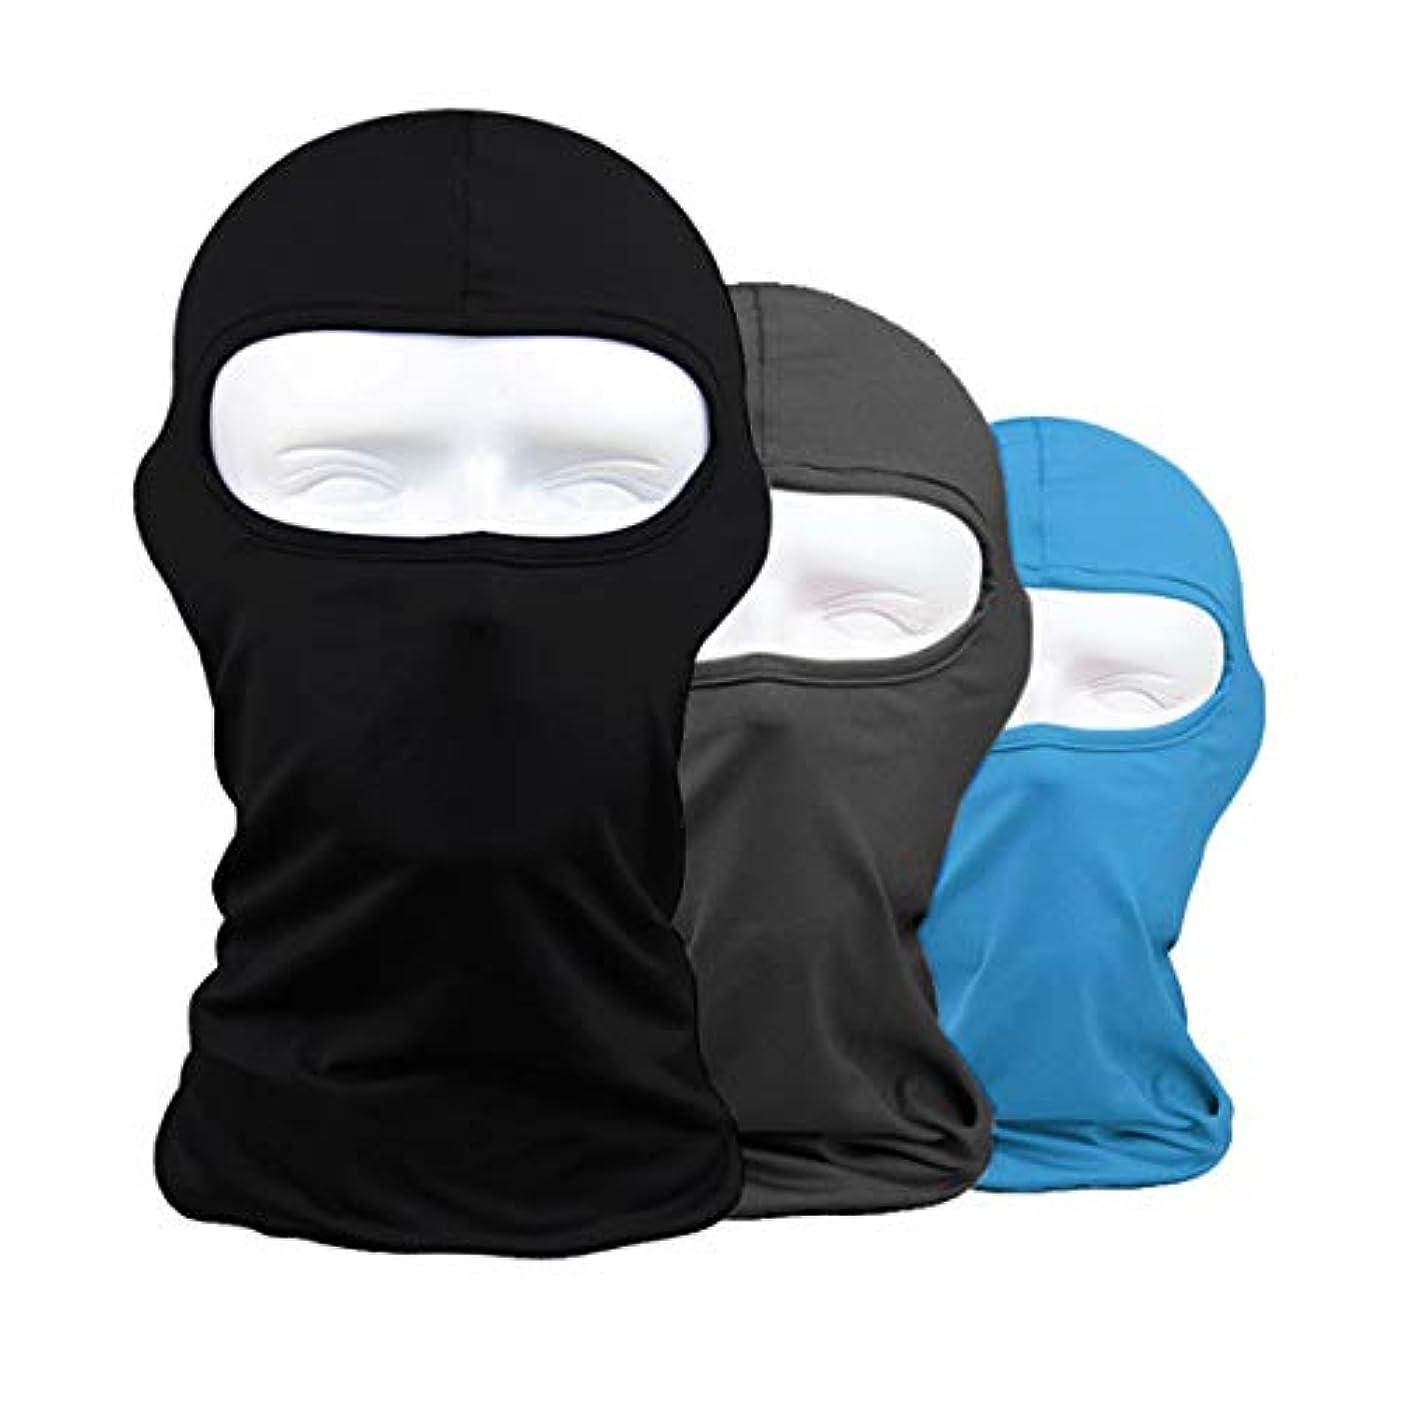 飢えた不実課税フェイスマスク 通気 速乾 ヘッドウェア ライクラ生地 目だし帽 バラクラバ 保温 UVカット,ブラック + グレー + ブルー,3枚